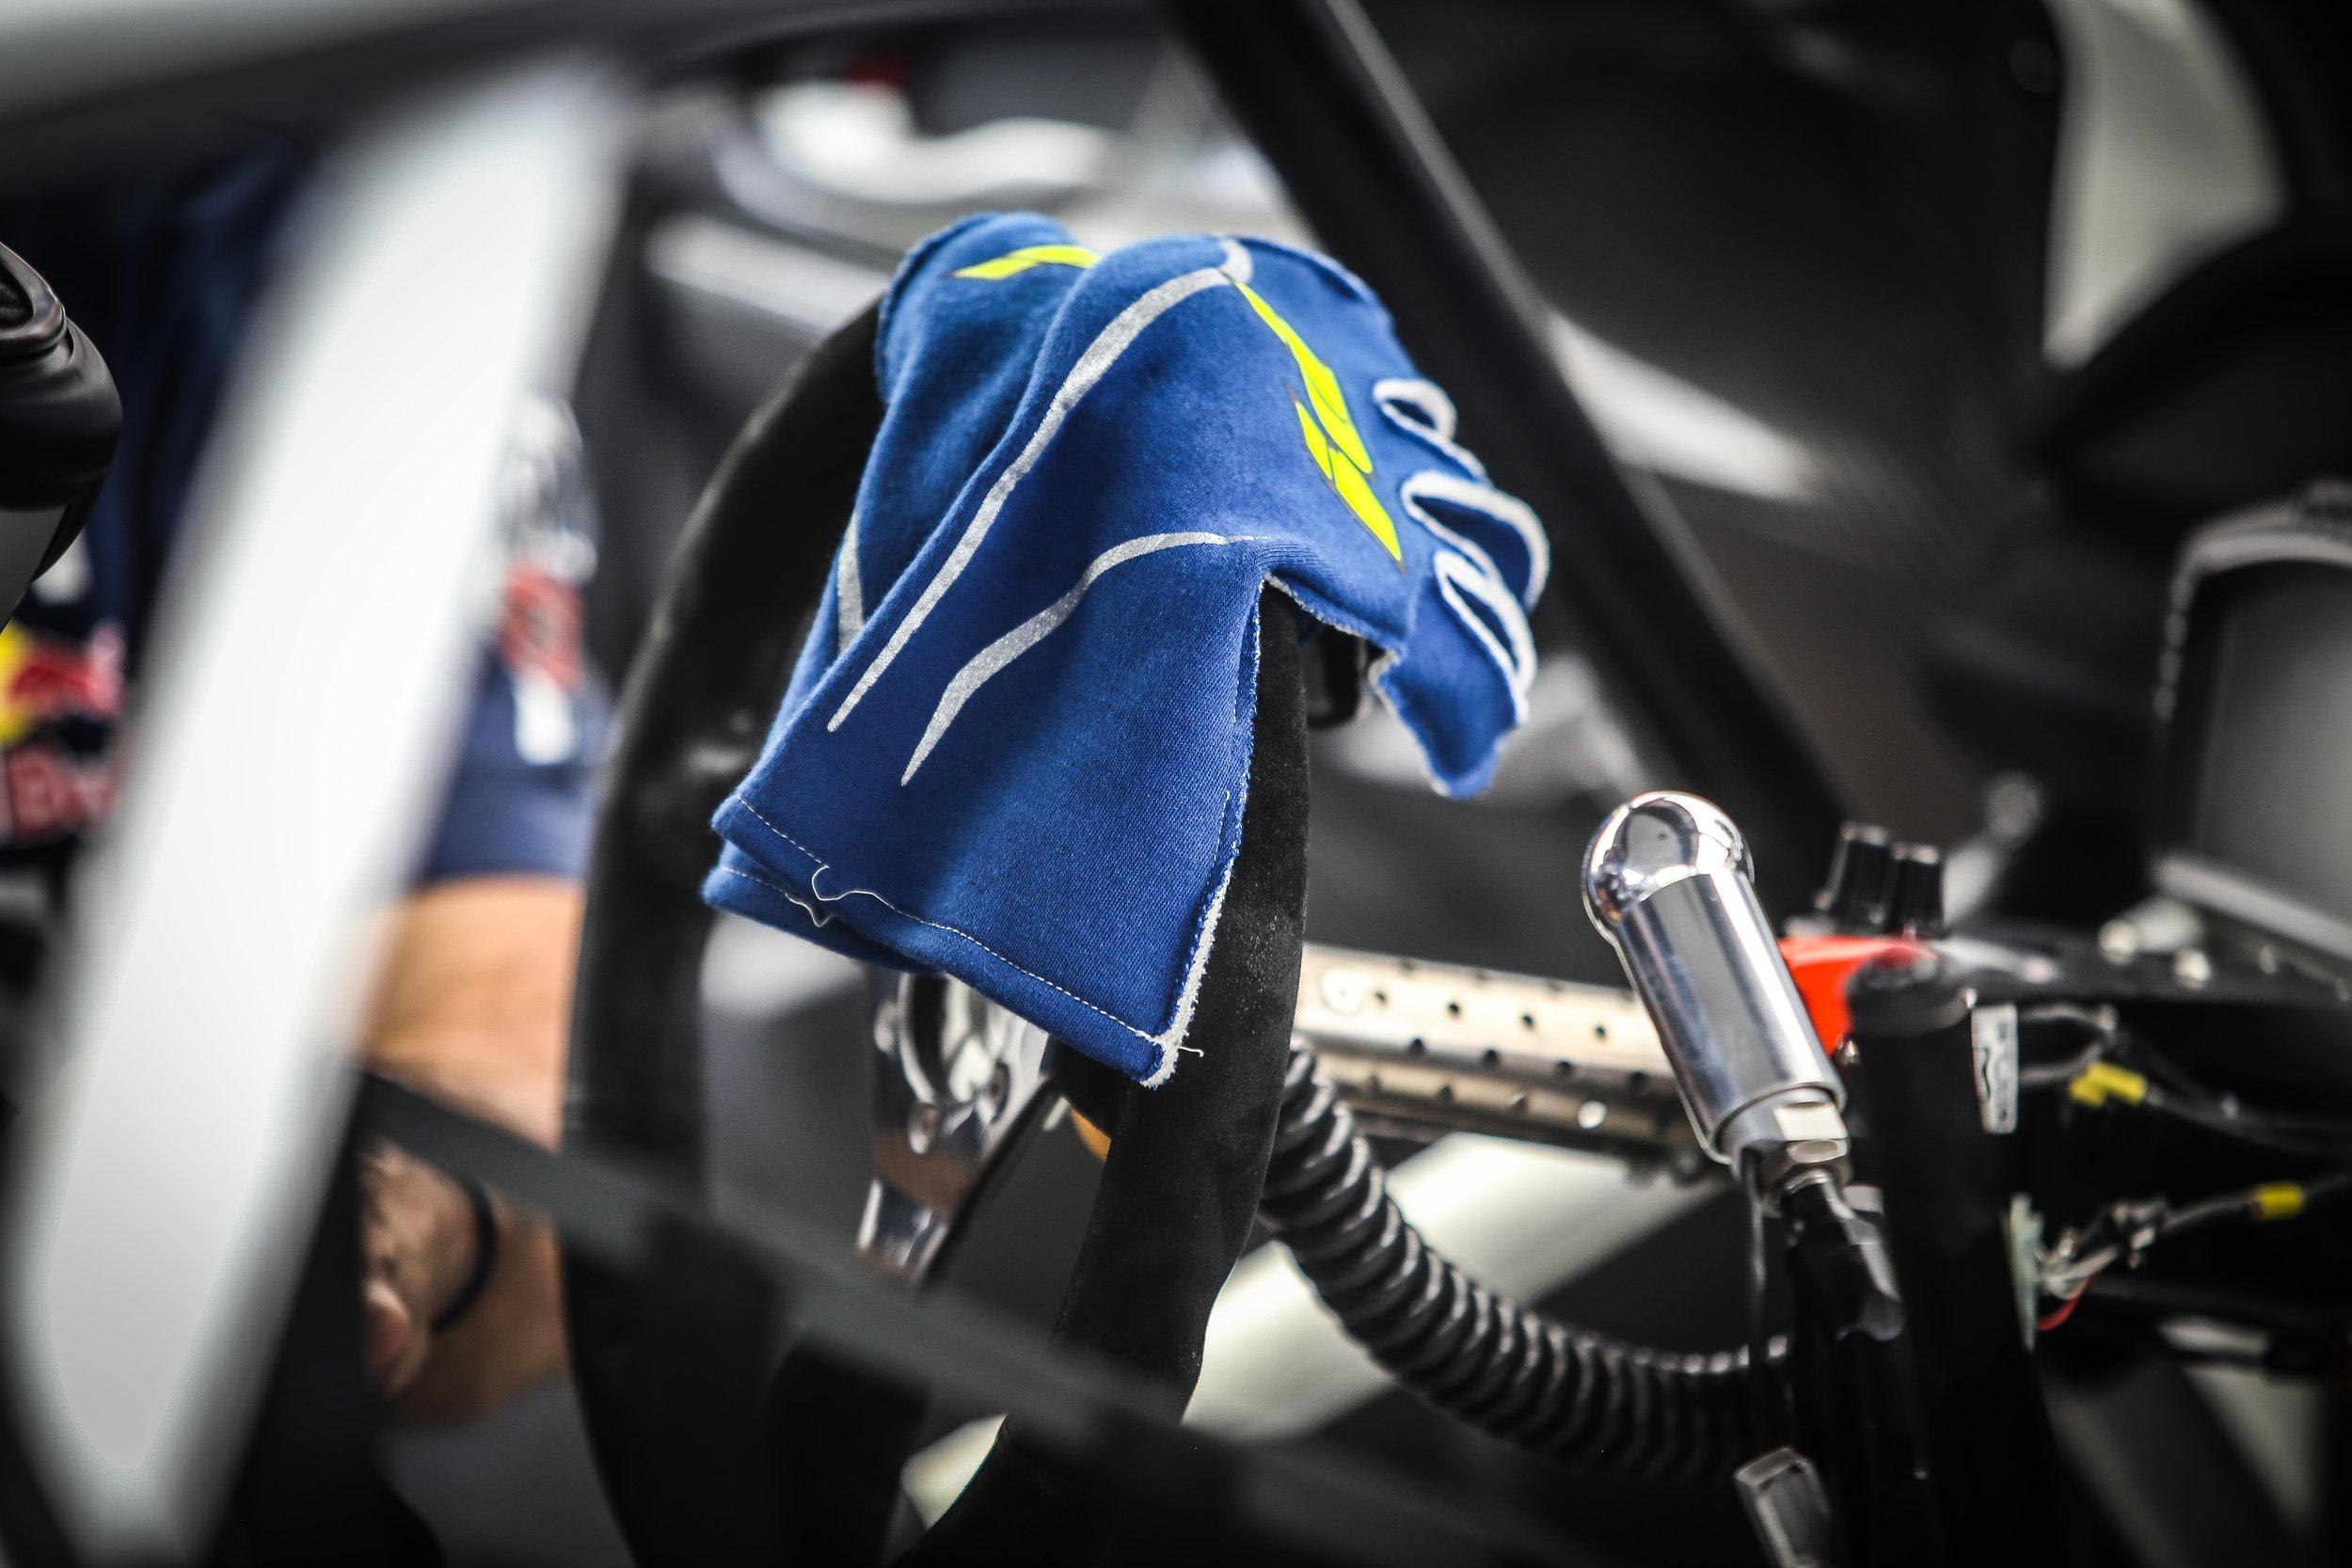 IMG_0066-3 Gloves on Steering Wheel.jpg